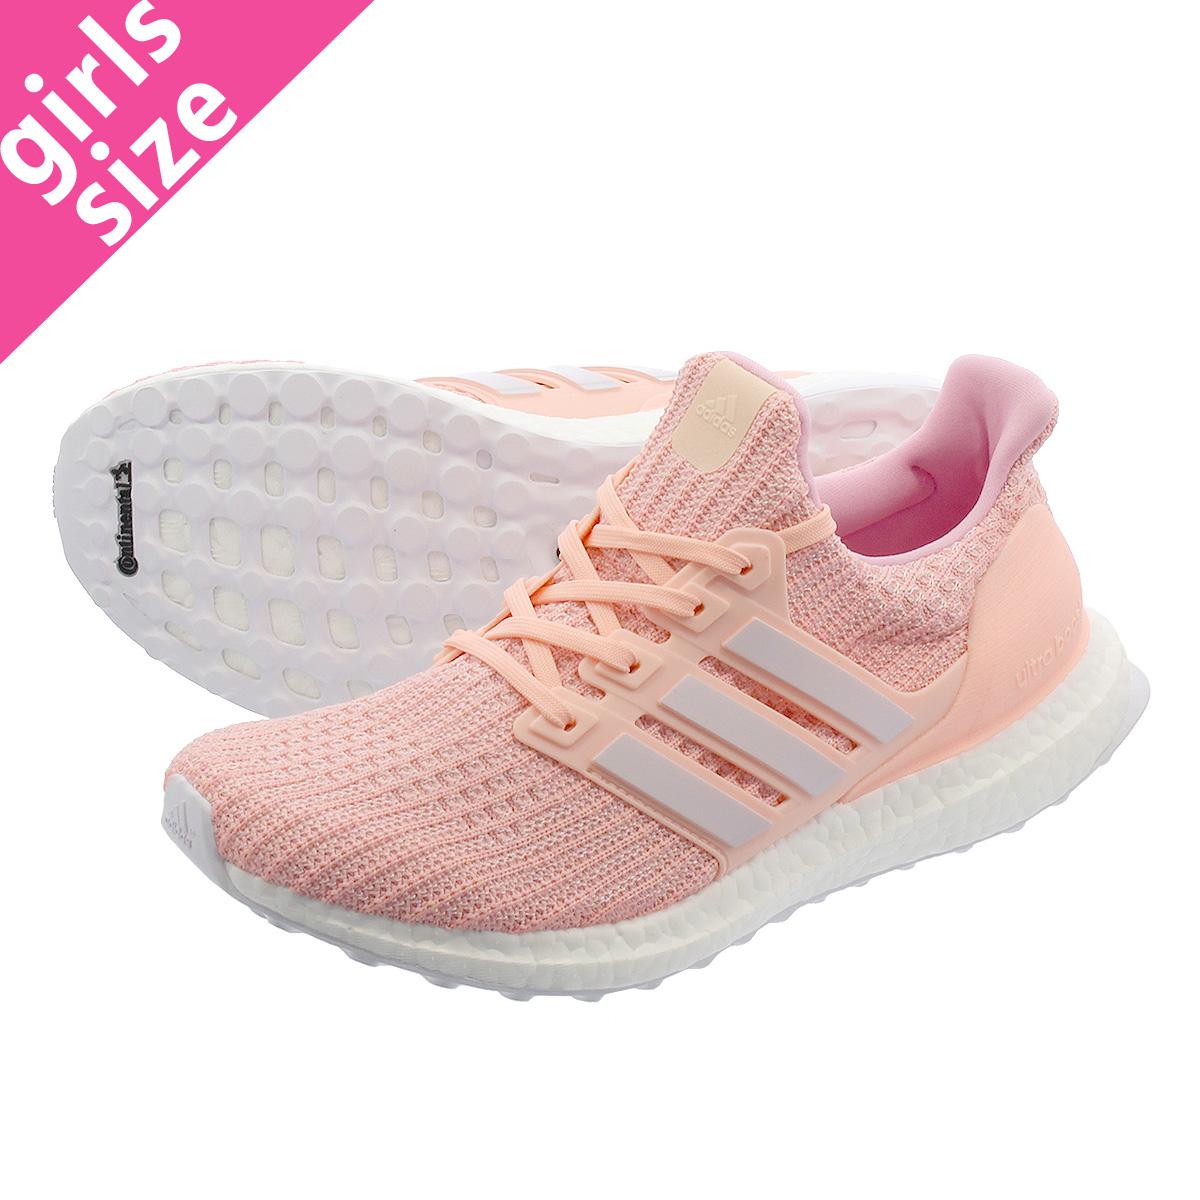 【お買い物マラソンSALE】 【大人気の女の子サイズ♪】 adidas ULTRA BOOST W アディダス ウルトラ ブースト W CLEAR ORANGE/ORCHID TINTO f36126